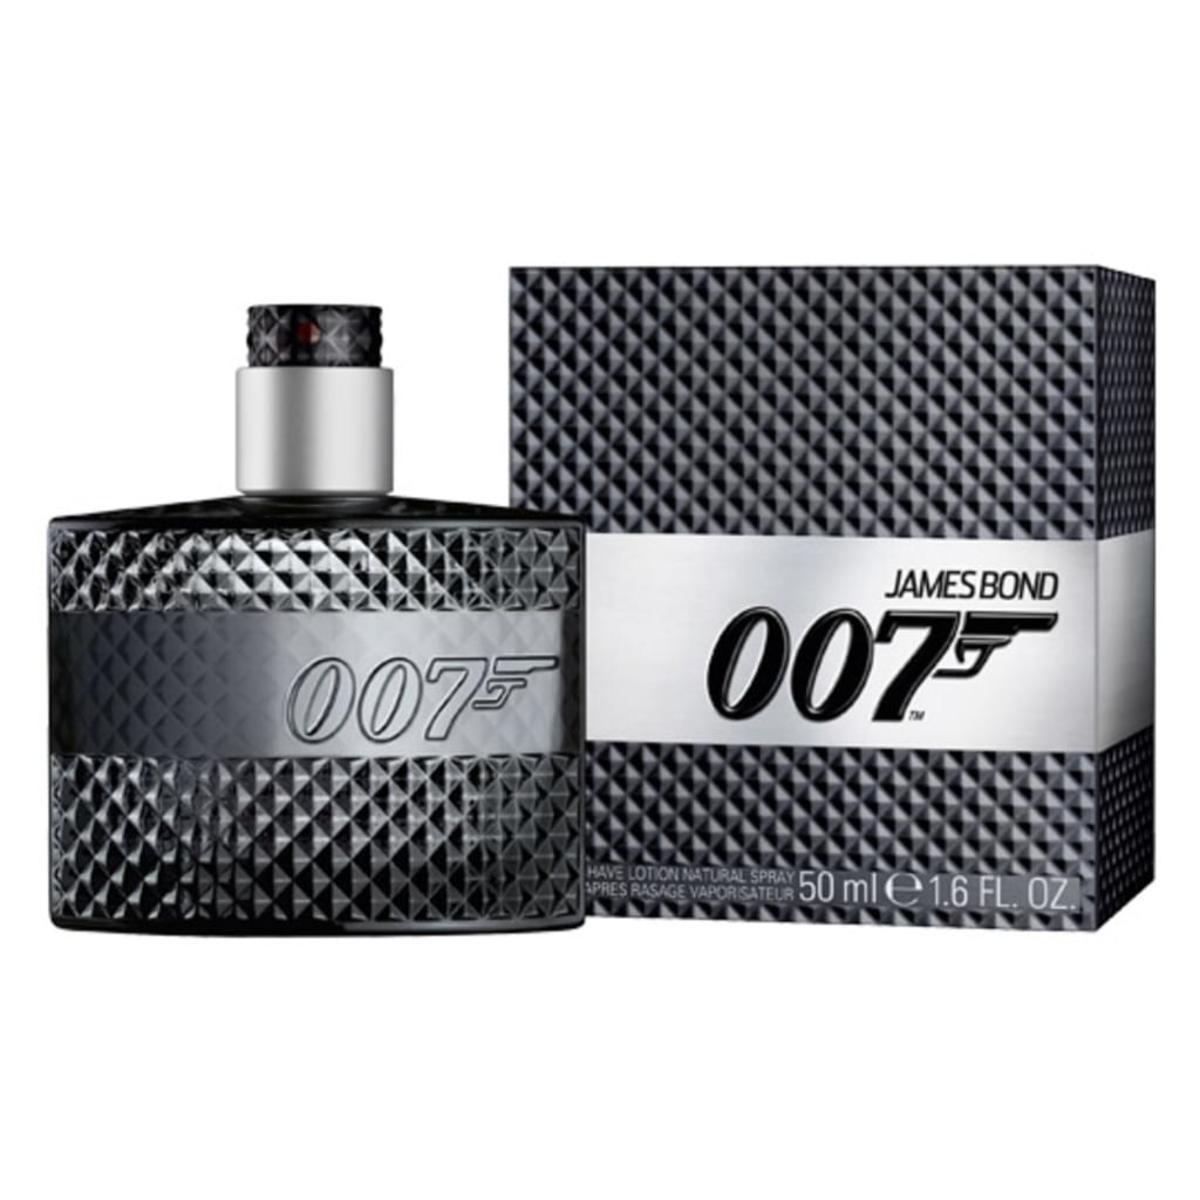 Bild 3 von James Bond 007 Aftershave 50 ml